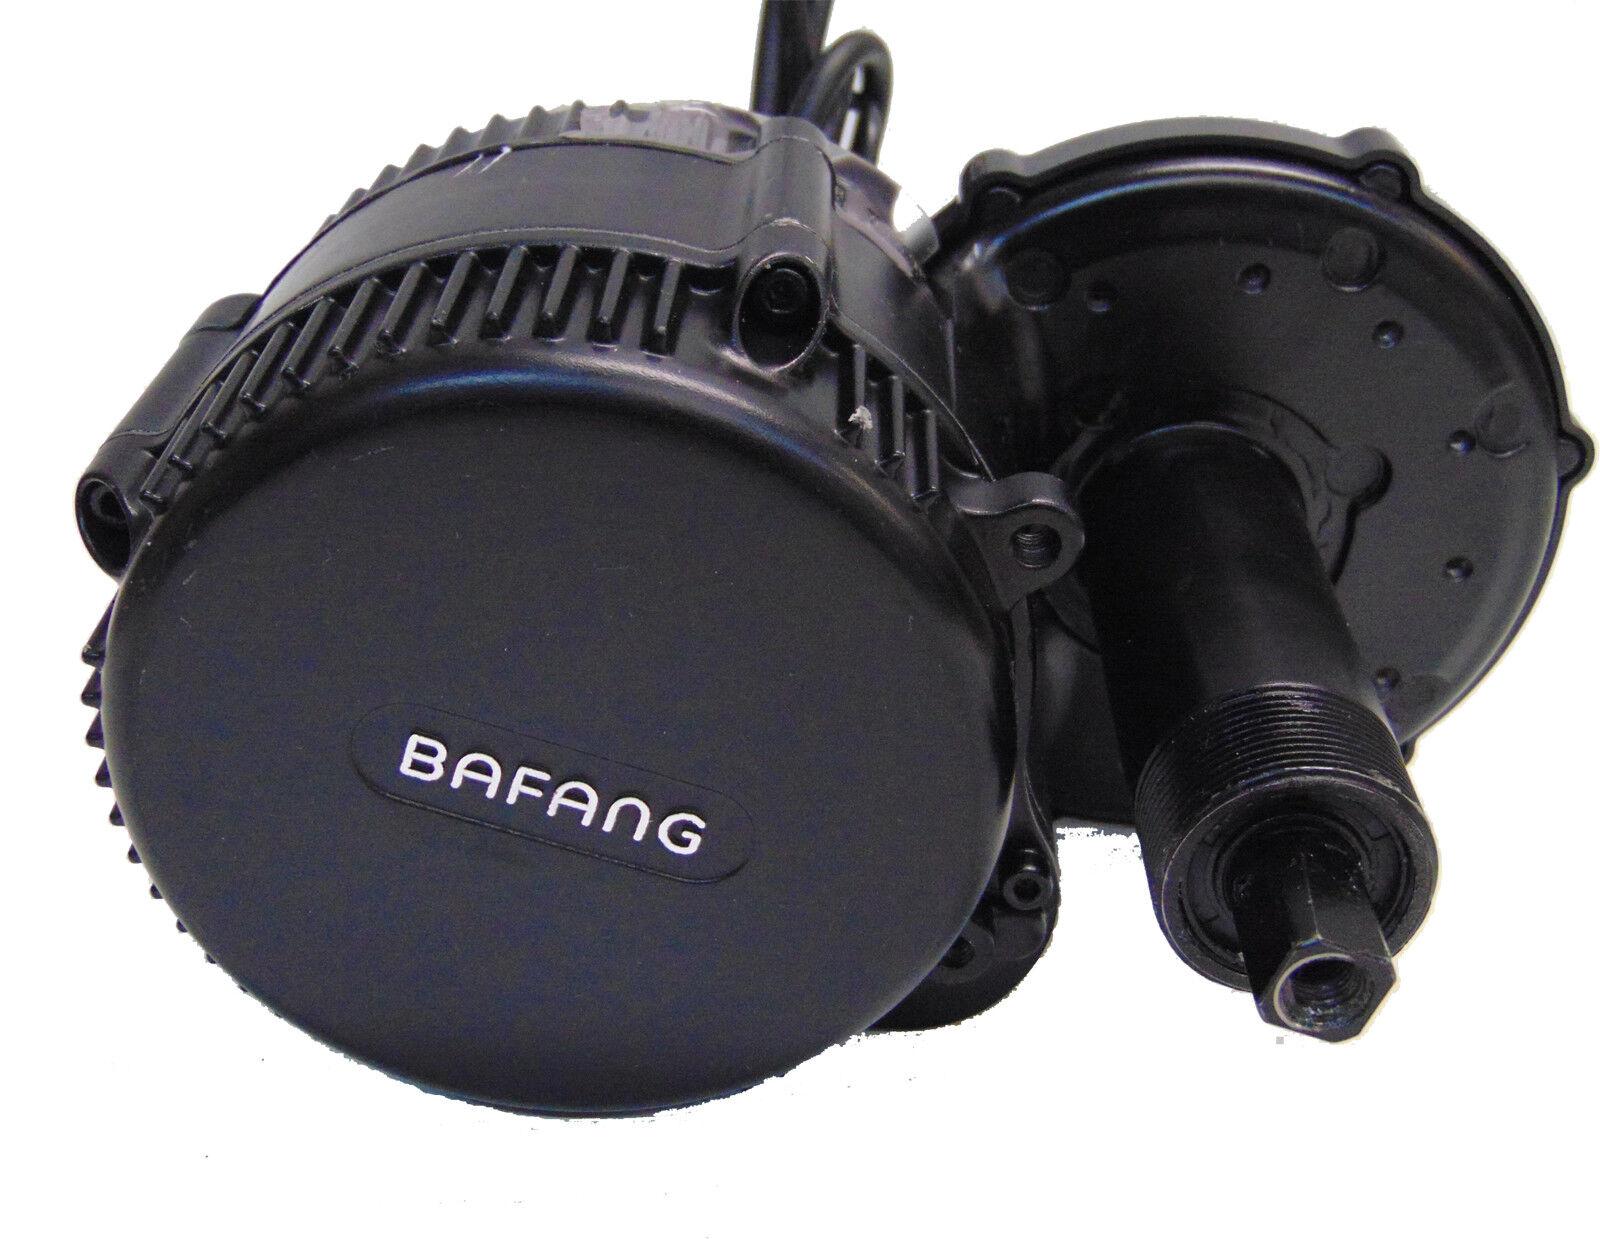 E-bike transformación frase 750c 750c 750c meteorológica Bafang 36v 250w motor central umrüstsatz Pedelec 10e526